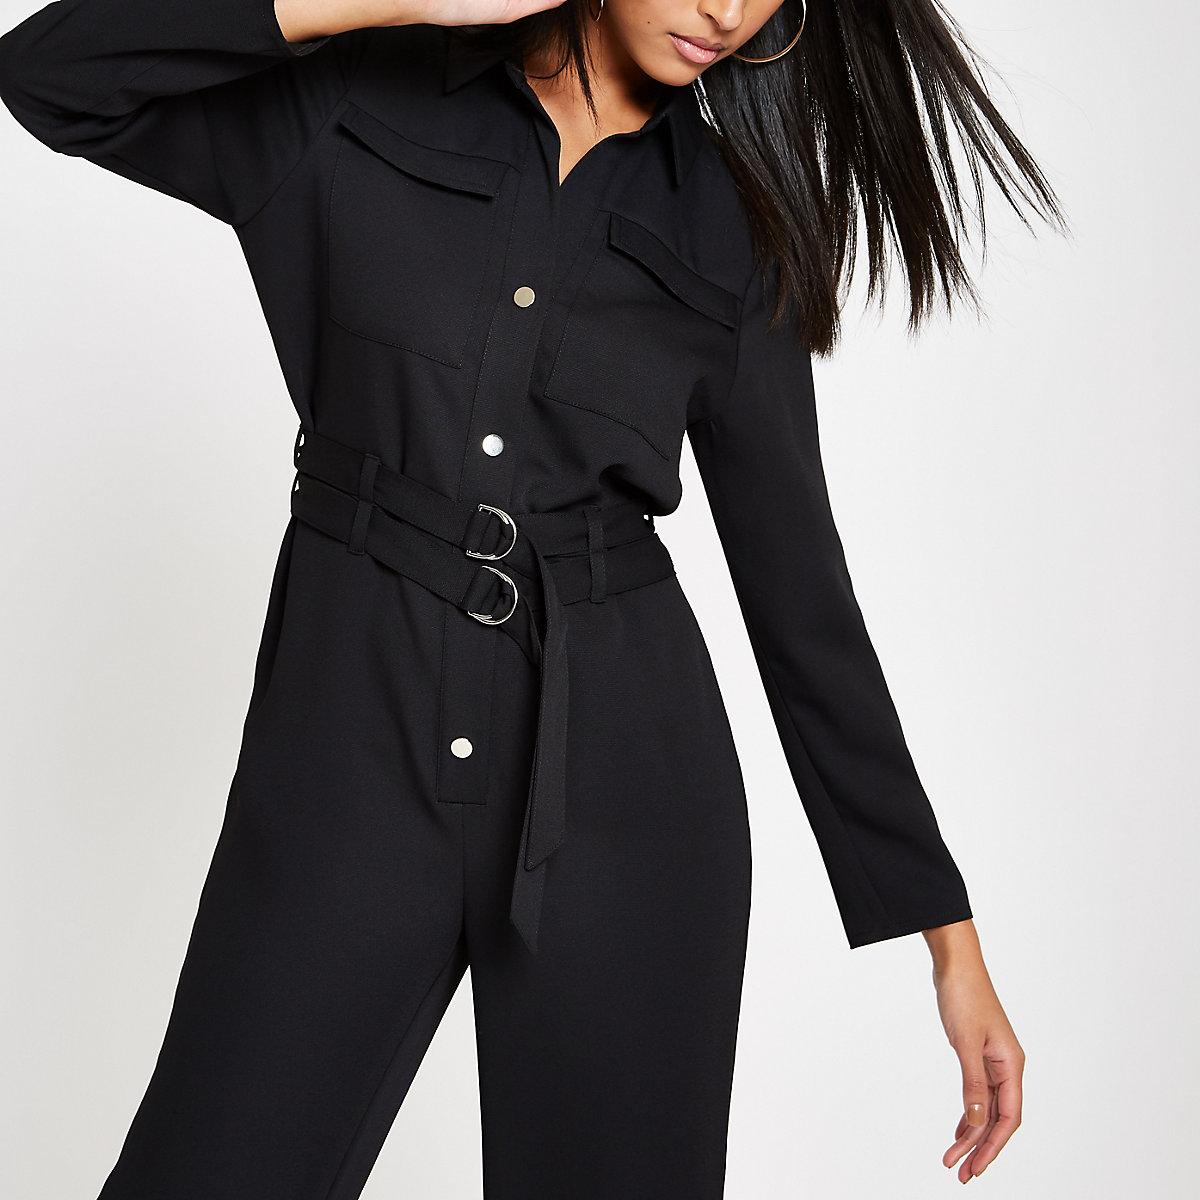 Black belted boiler jumpsuit